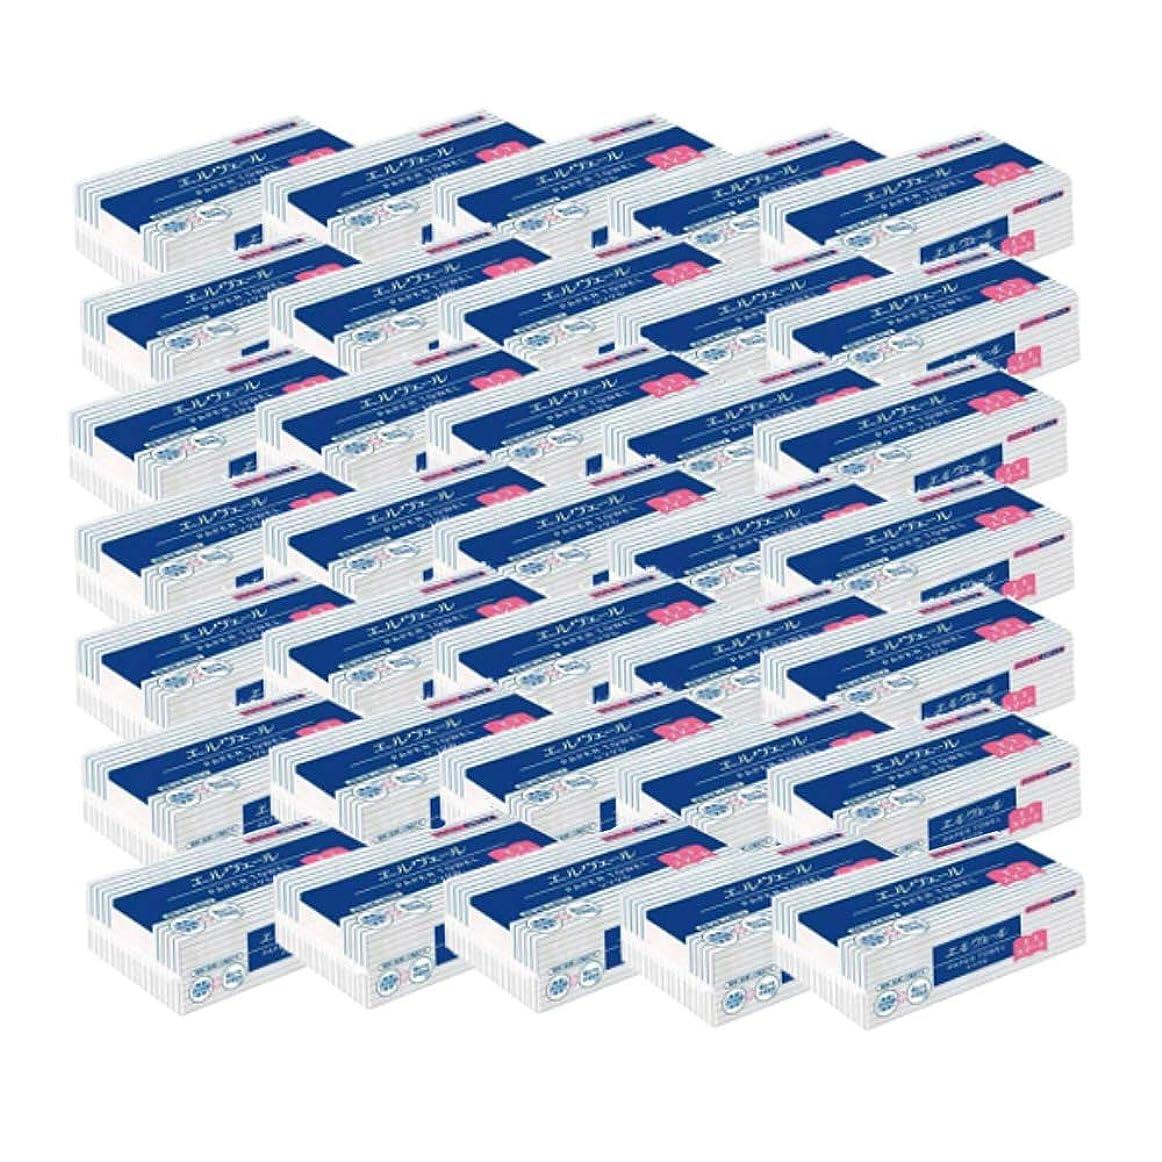 十年積分シンクエルヴェール ペーパータオル エコスマートシングル 中判 1ケース(200枚×35袋入) 703510 お手拭き